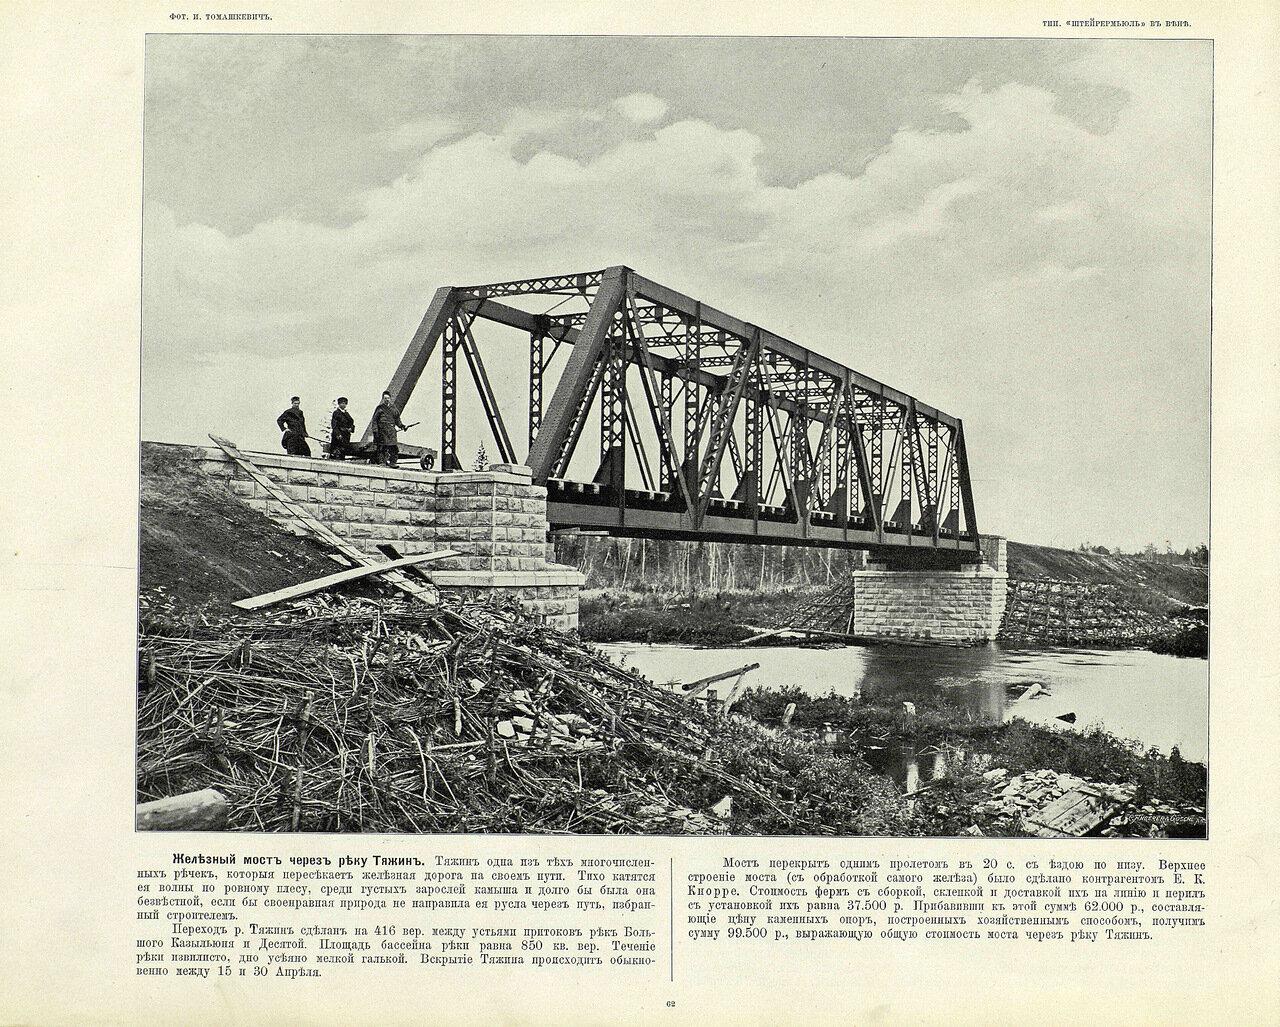 62. Железный мост через реку Тяжин